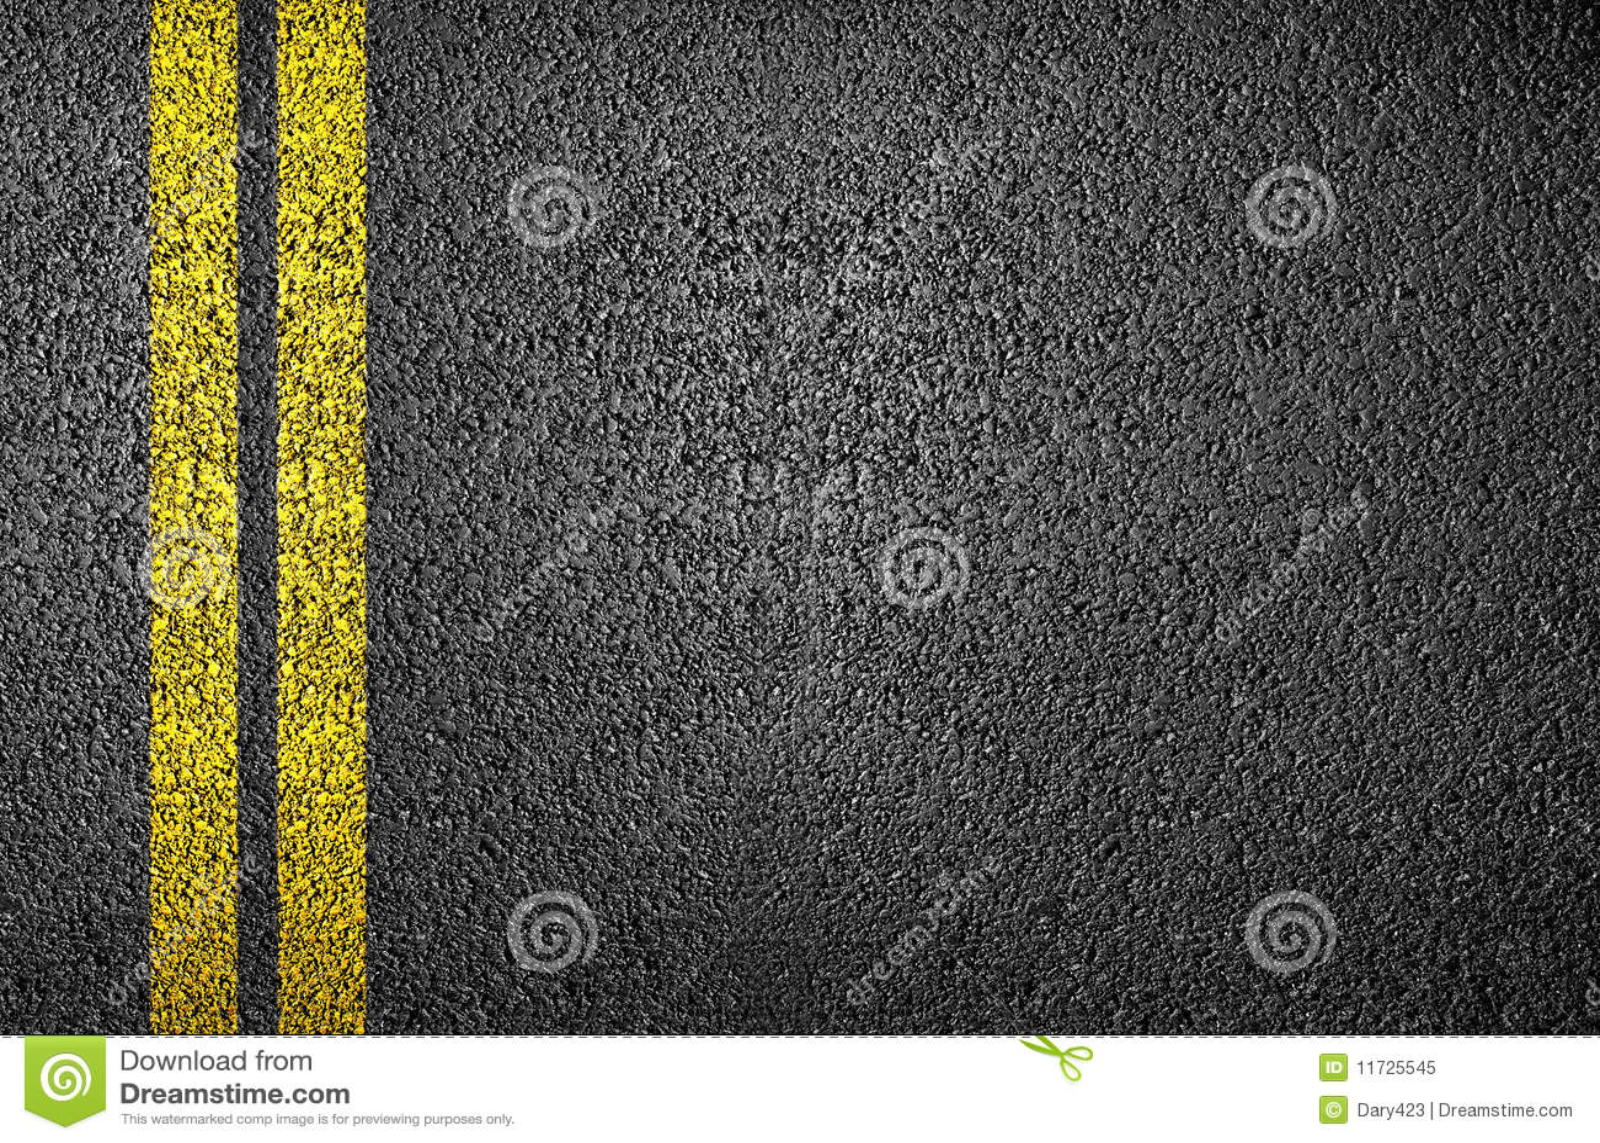 ligne jaune sur l 39 asphalte photo libre de droits image 11725545. Black Bedroom Furniture Sets. Home Design Ideas